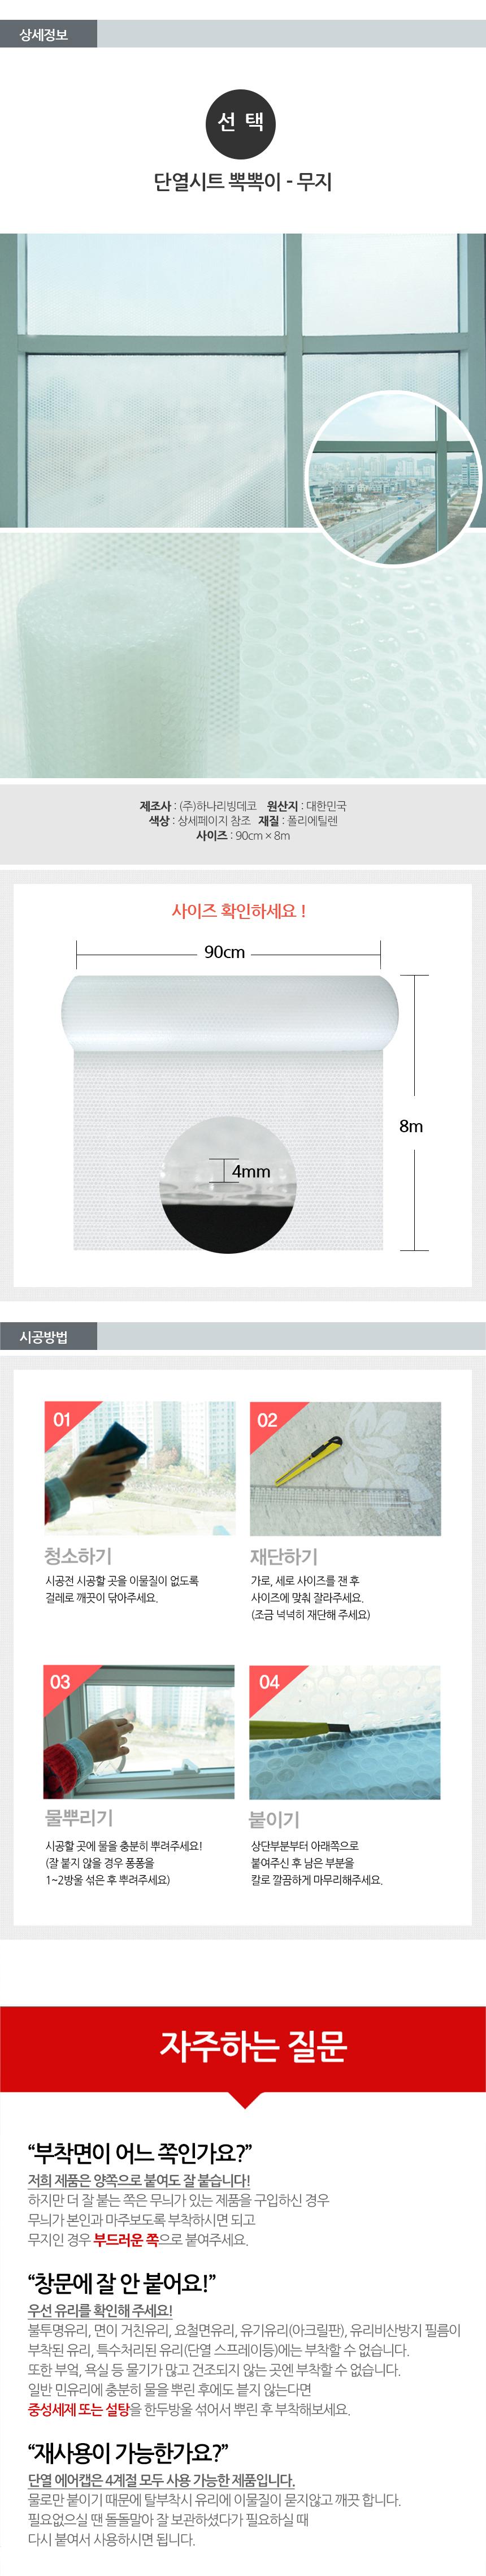 단열시트 뽁뽁이 8m - 무지 - 하나리빙데코, 6,250원, 겨울용품, 에어캡/문풍지